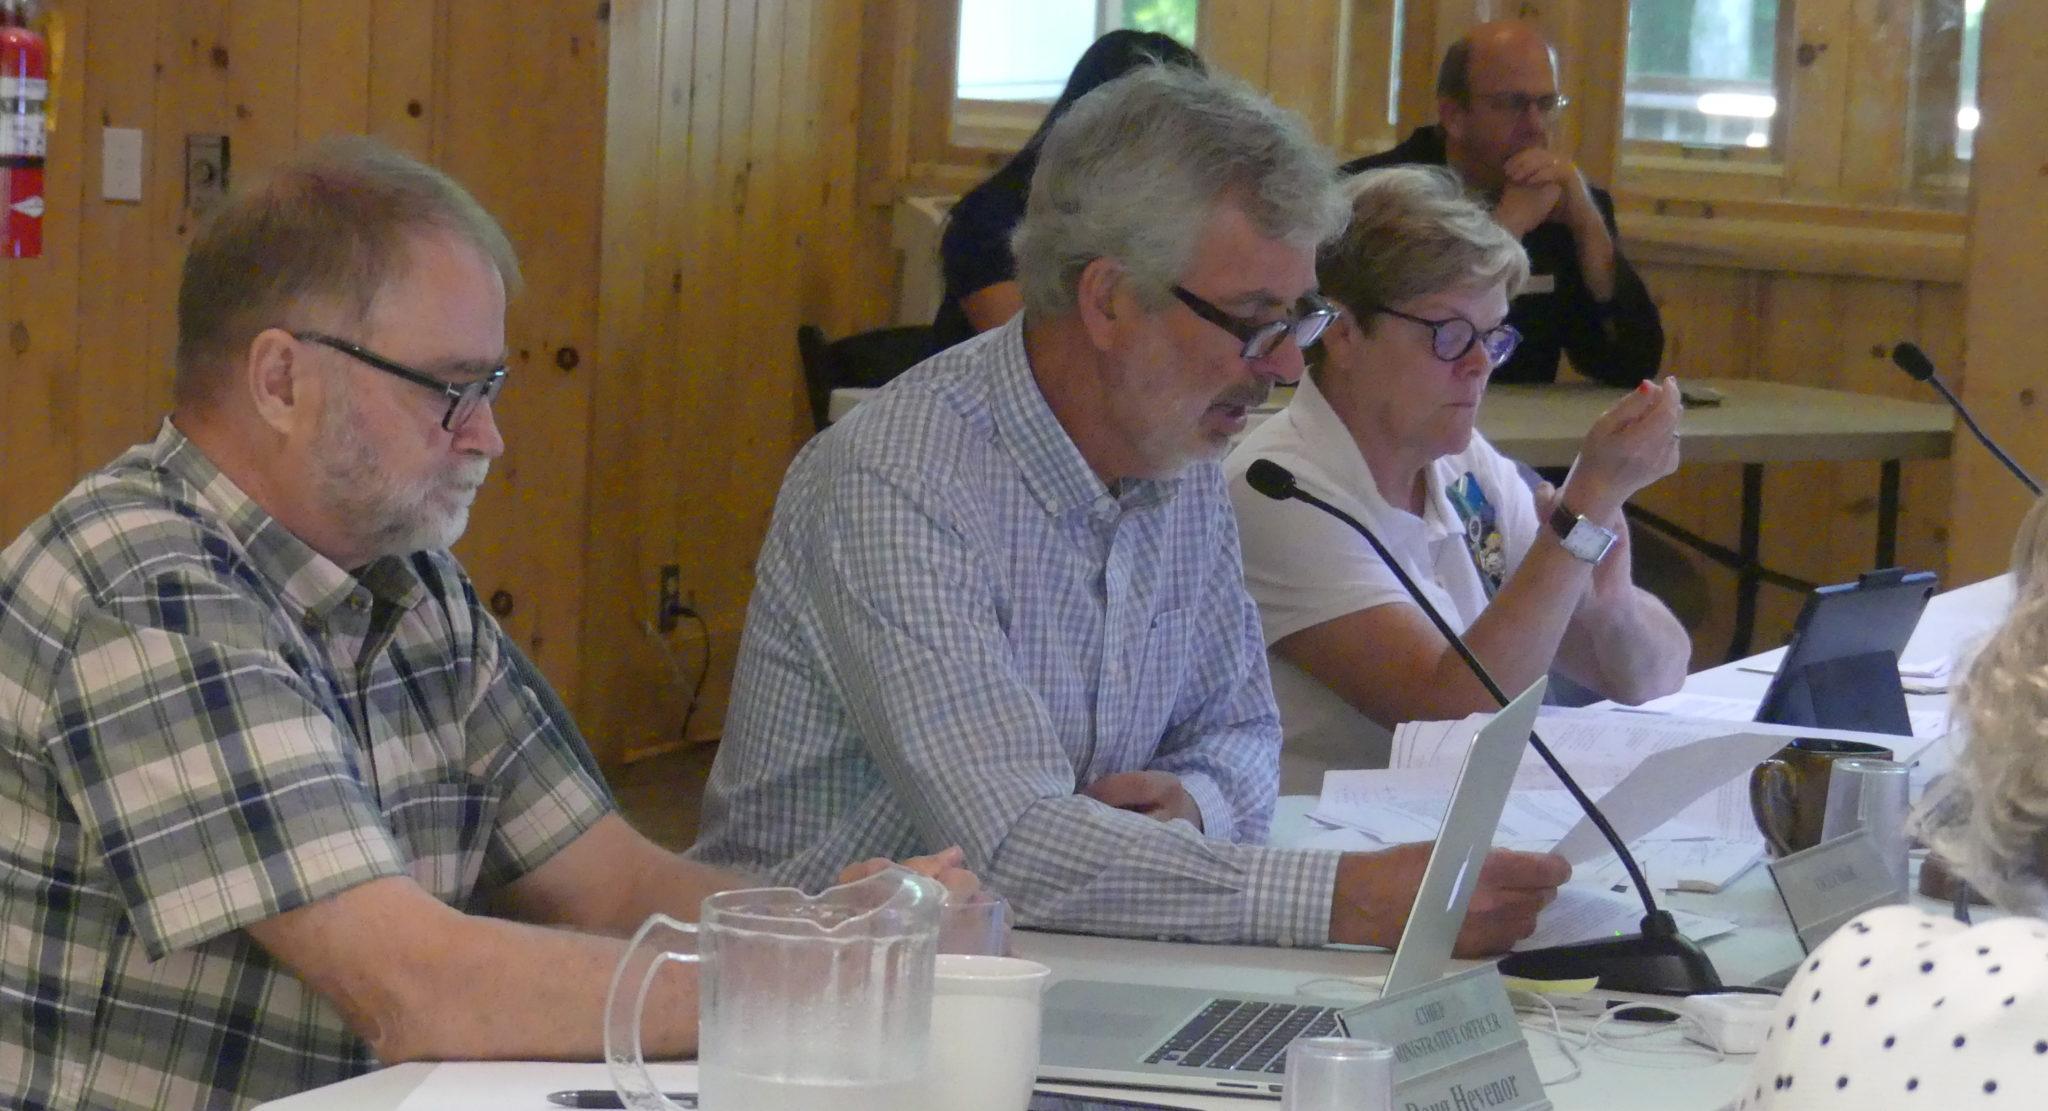 NVCA's Doug Hevenor, Keith White and Donna Jebb